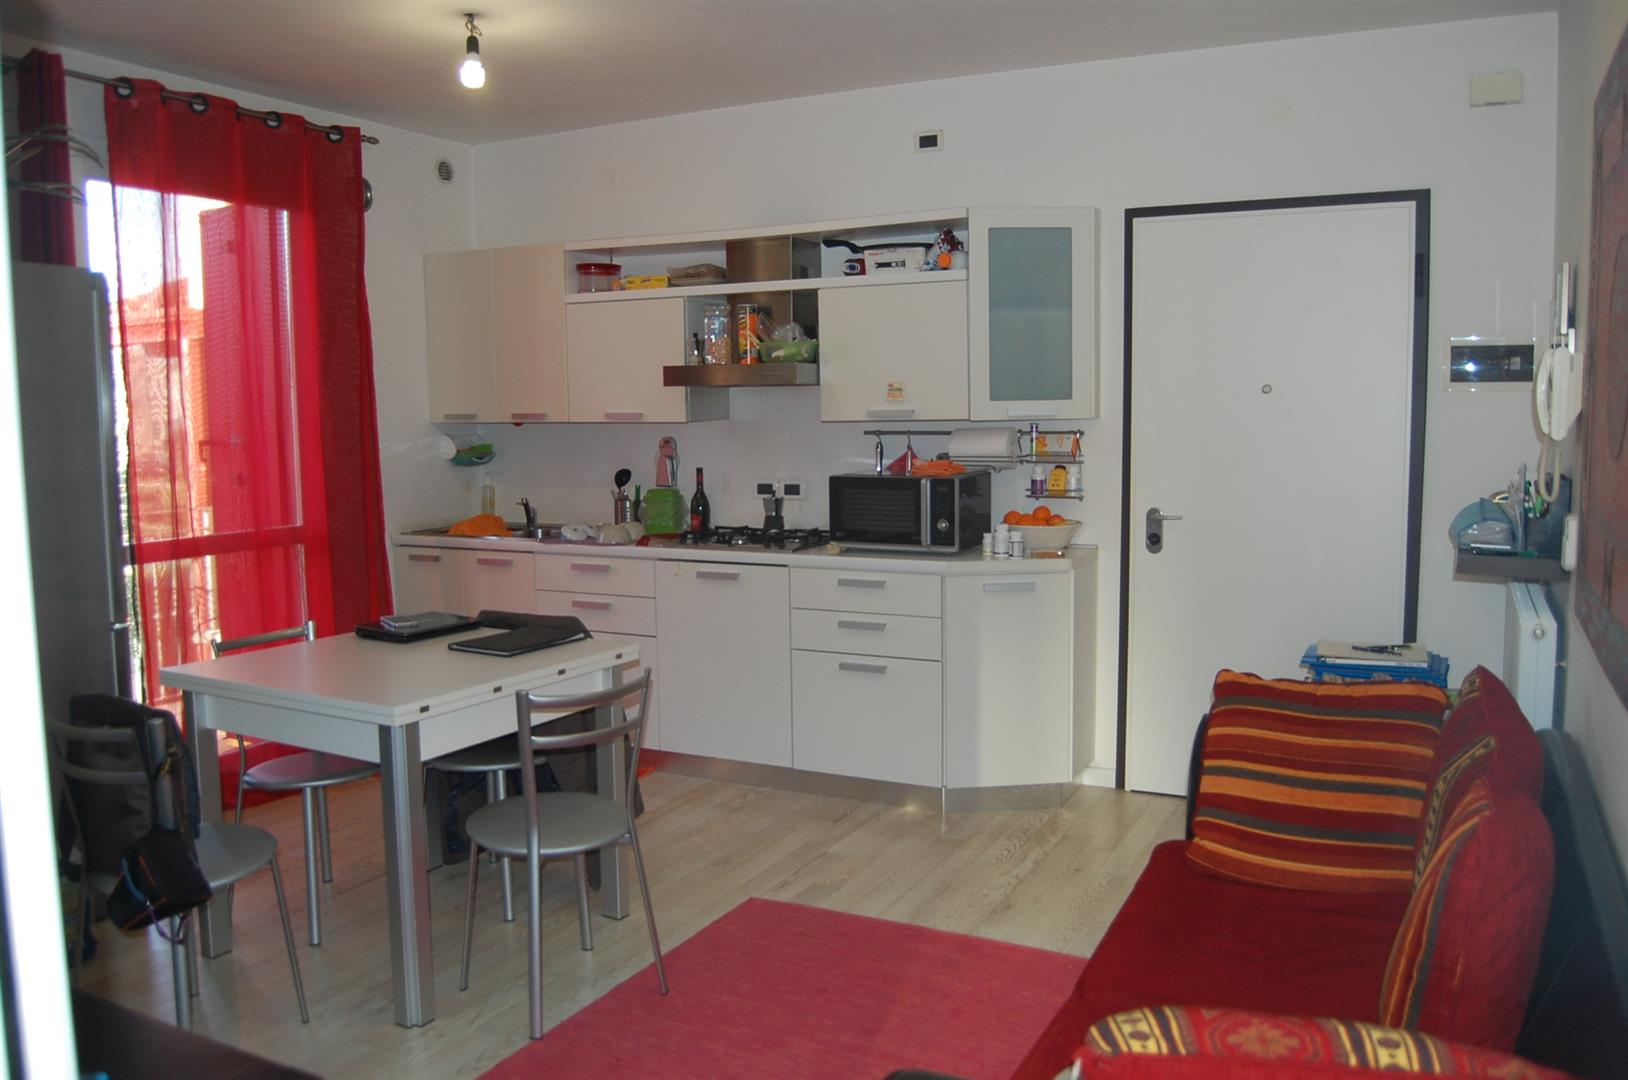 Appartamento in vendita a San Donà di Piave, 4 locali, zona Località: S.aMariadiPiave, prezzo € 150.000   Cambio Casa.it